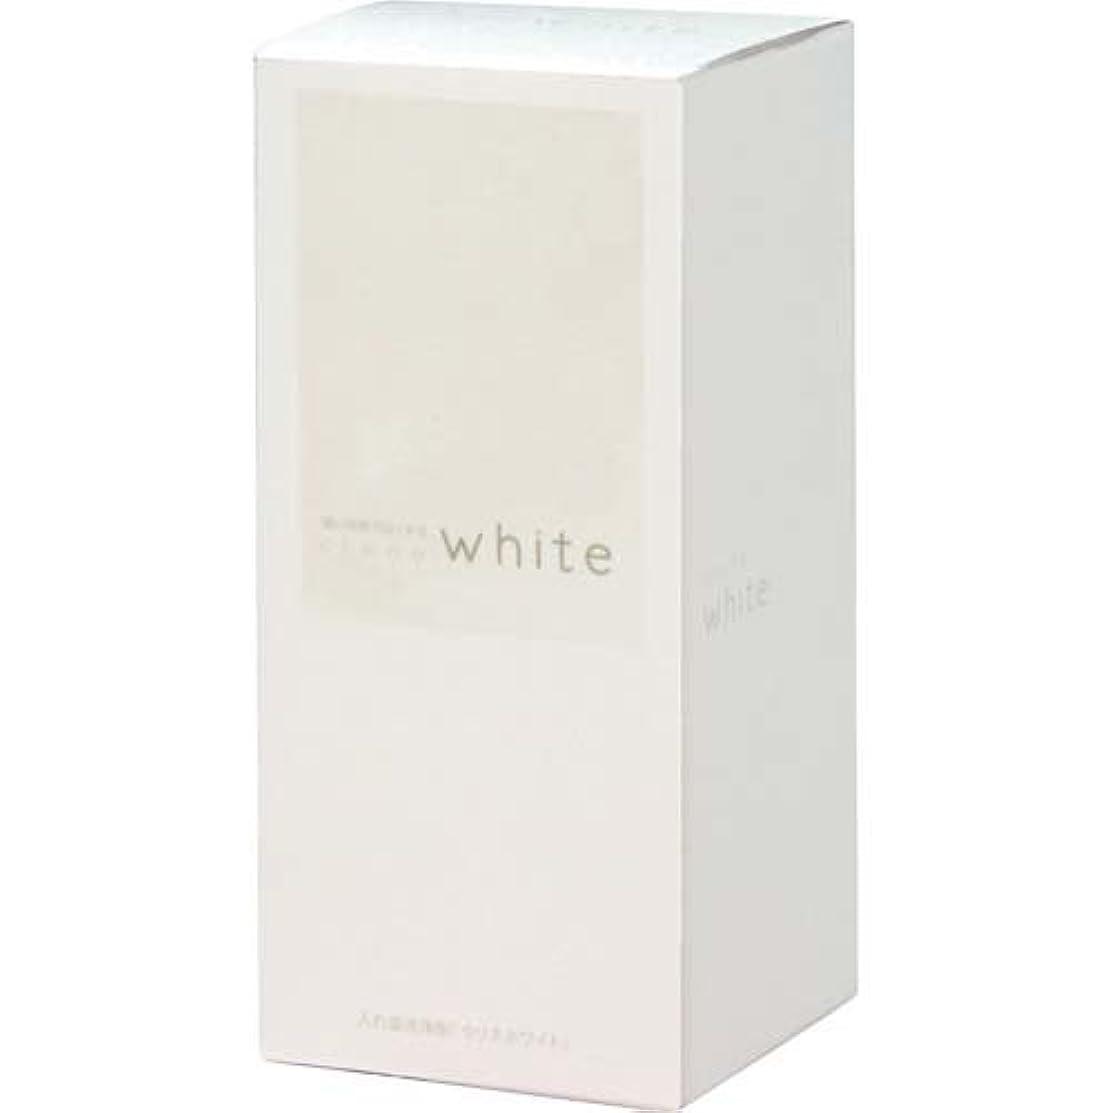 スロット反対に中傷短い時間で白くする 強力入れ歯洗浄剤 クリネホワイト